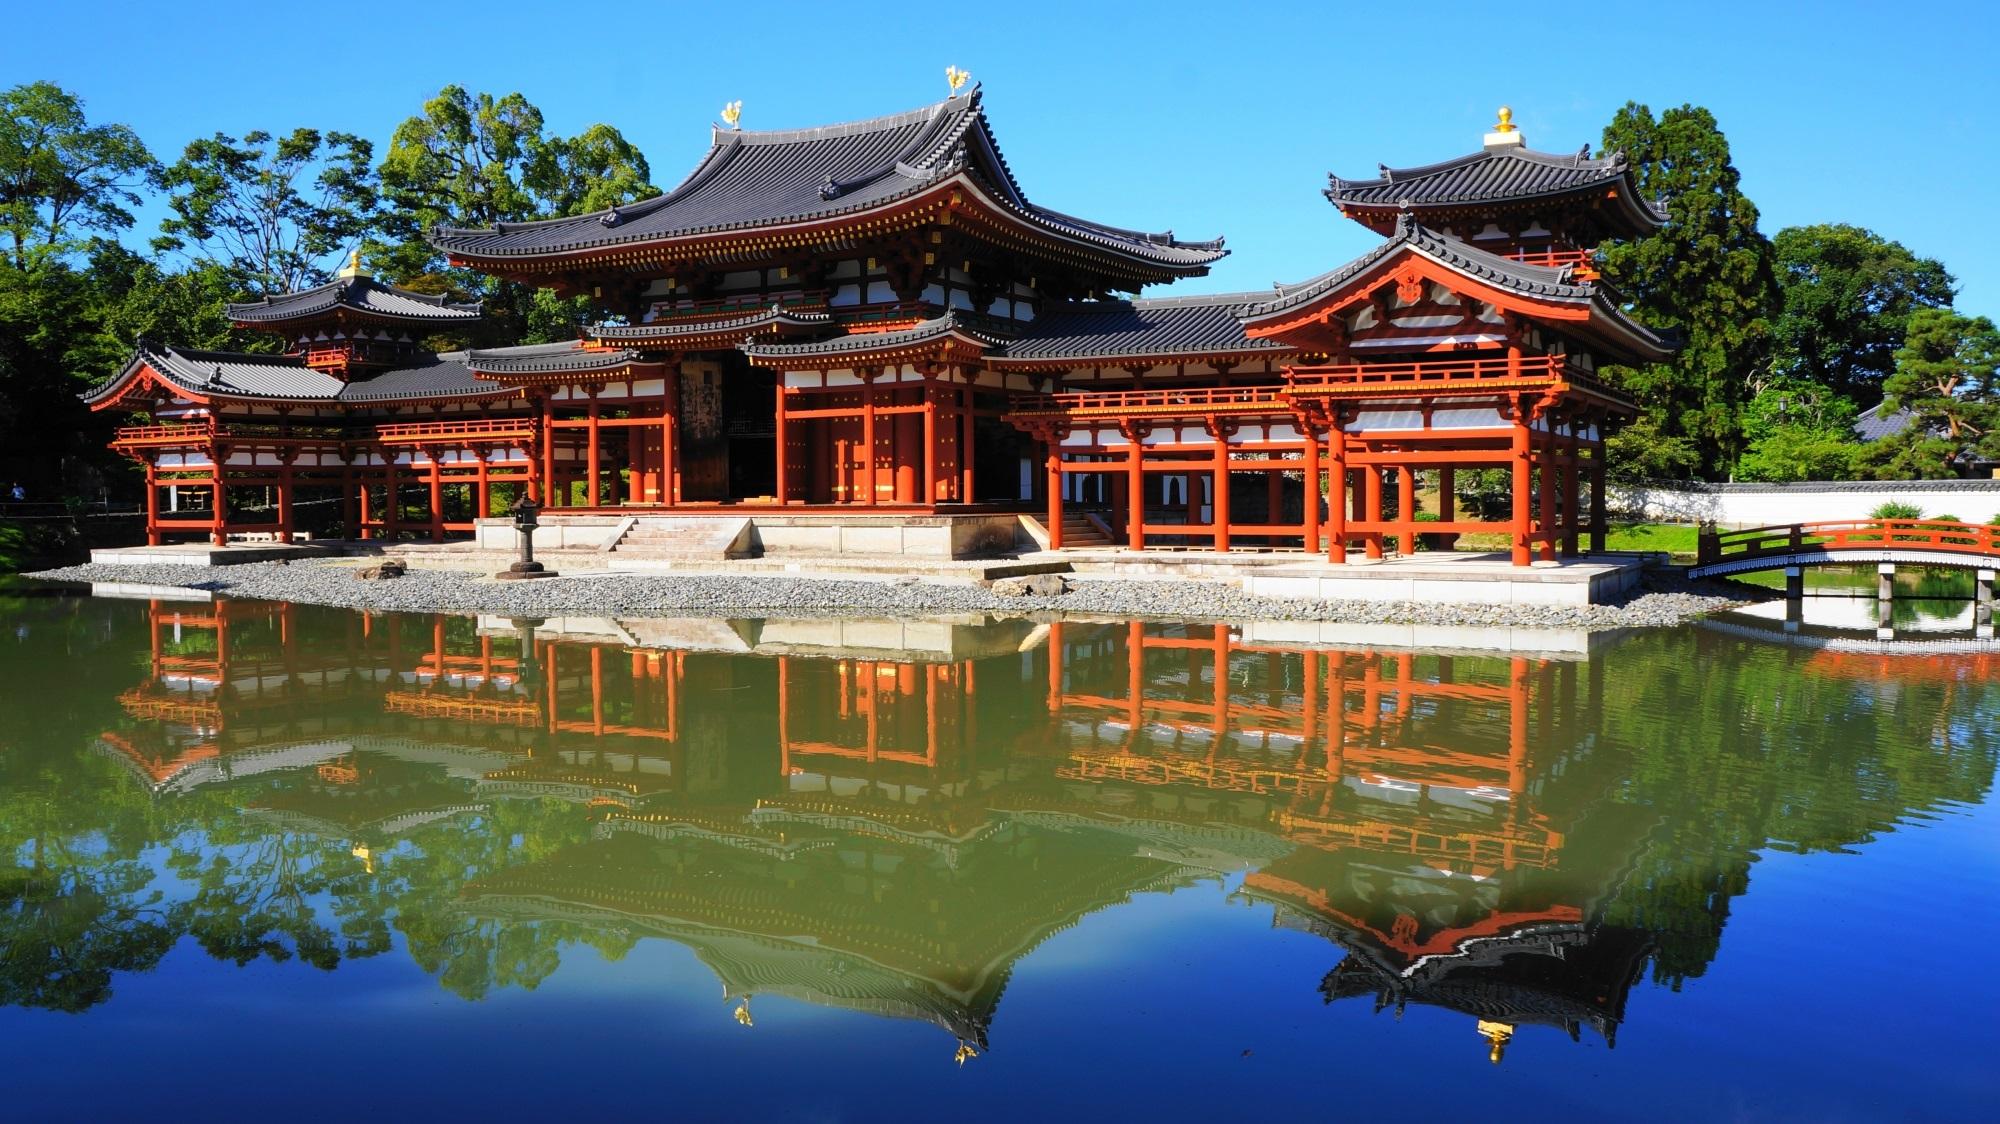 平等院 鳳凰堂と美しすぎる青空の水鏡